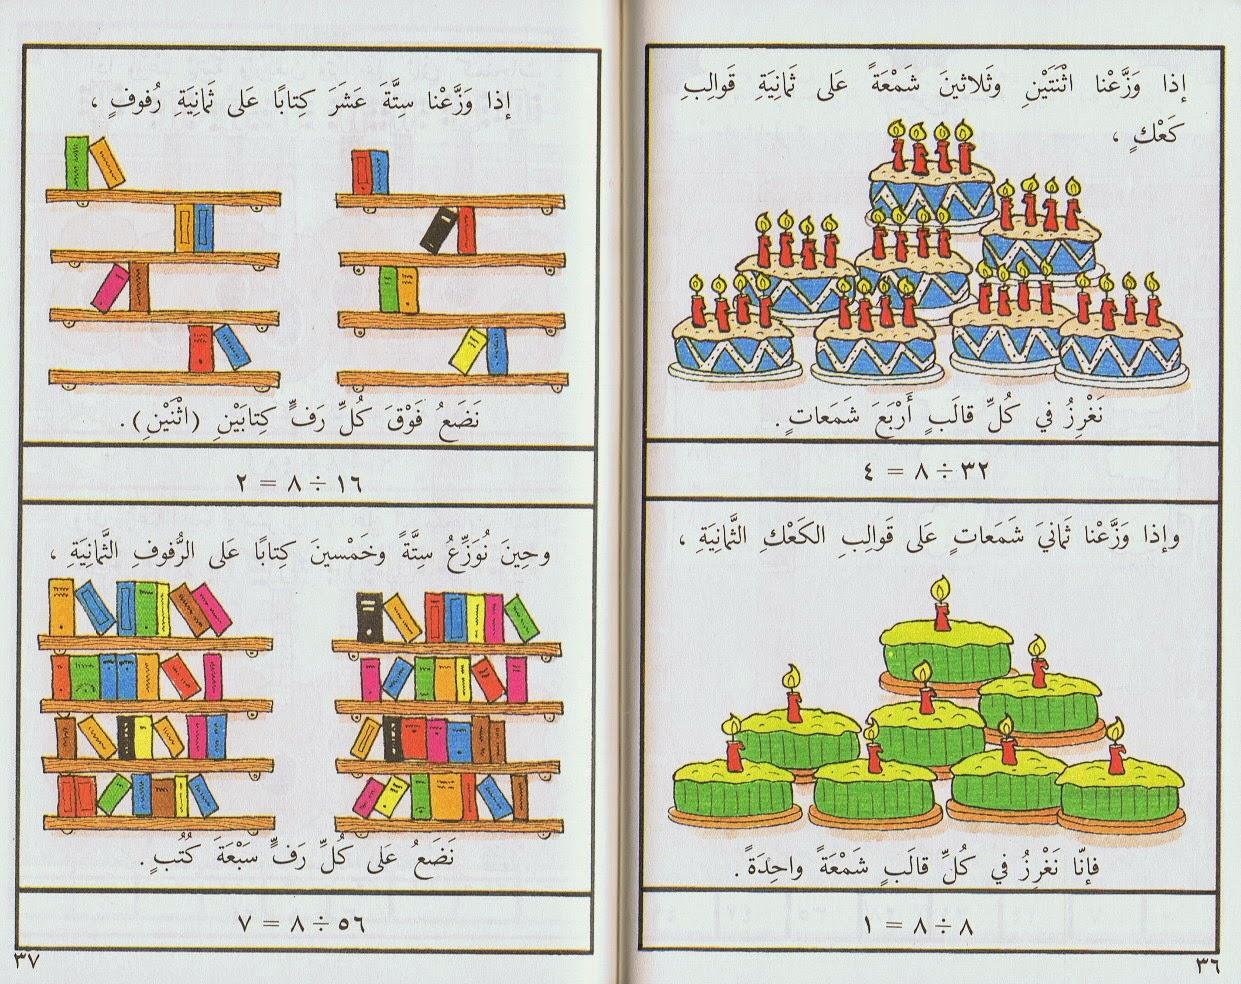 كتاب تعليم القسمة لأطفال الصف الثالث بالألوان الطبيعية 2015 CCI05062012_00048.jp